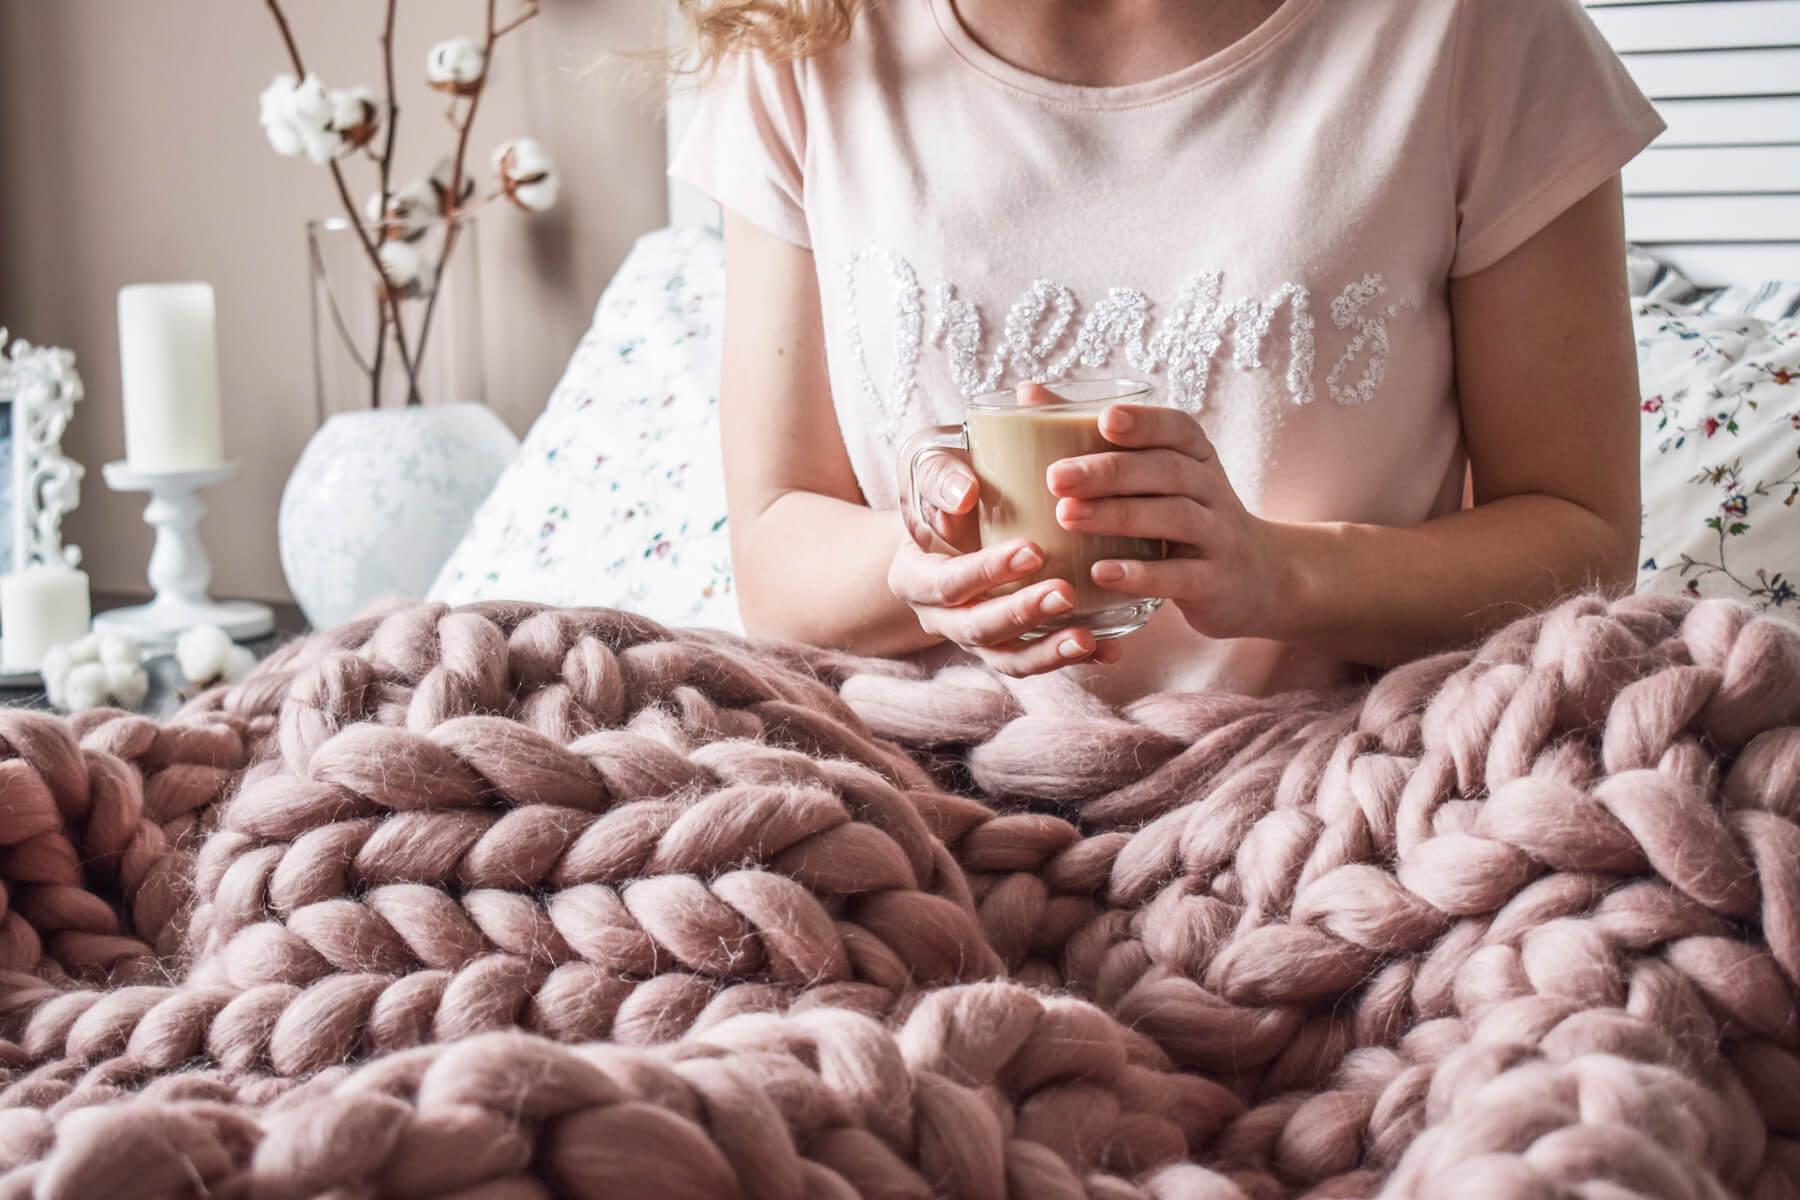 Alergia na wełnę – Odpowiadamy na pytanie: czy wełna uczula?